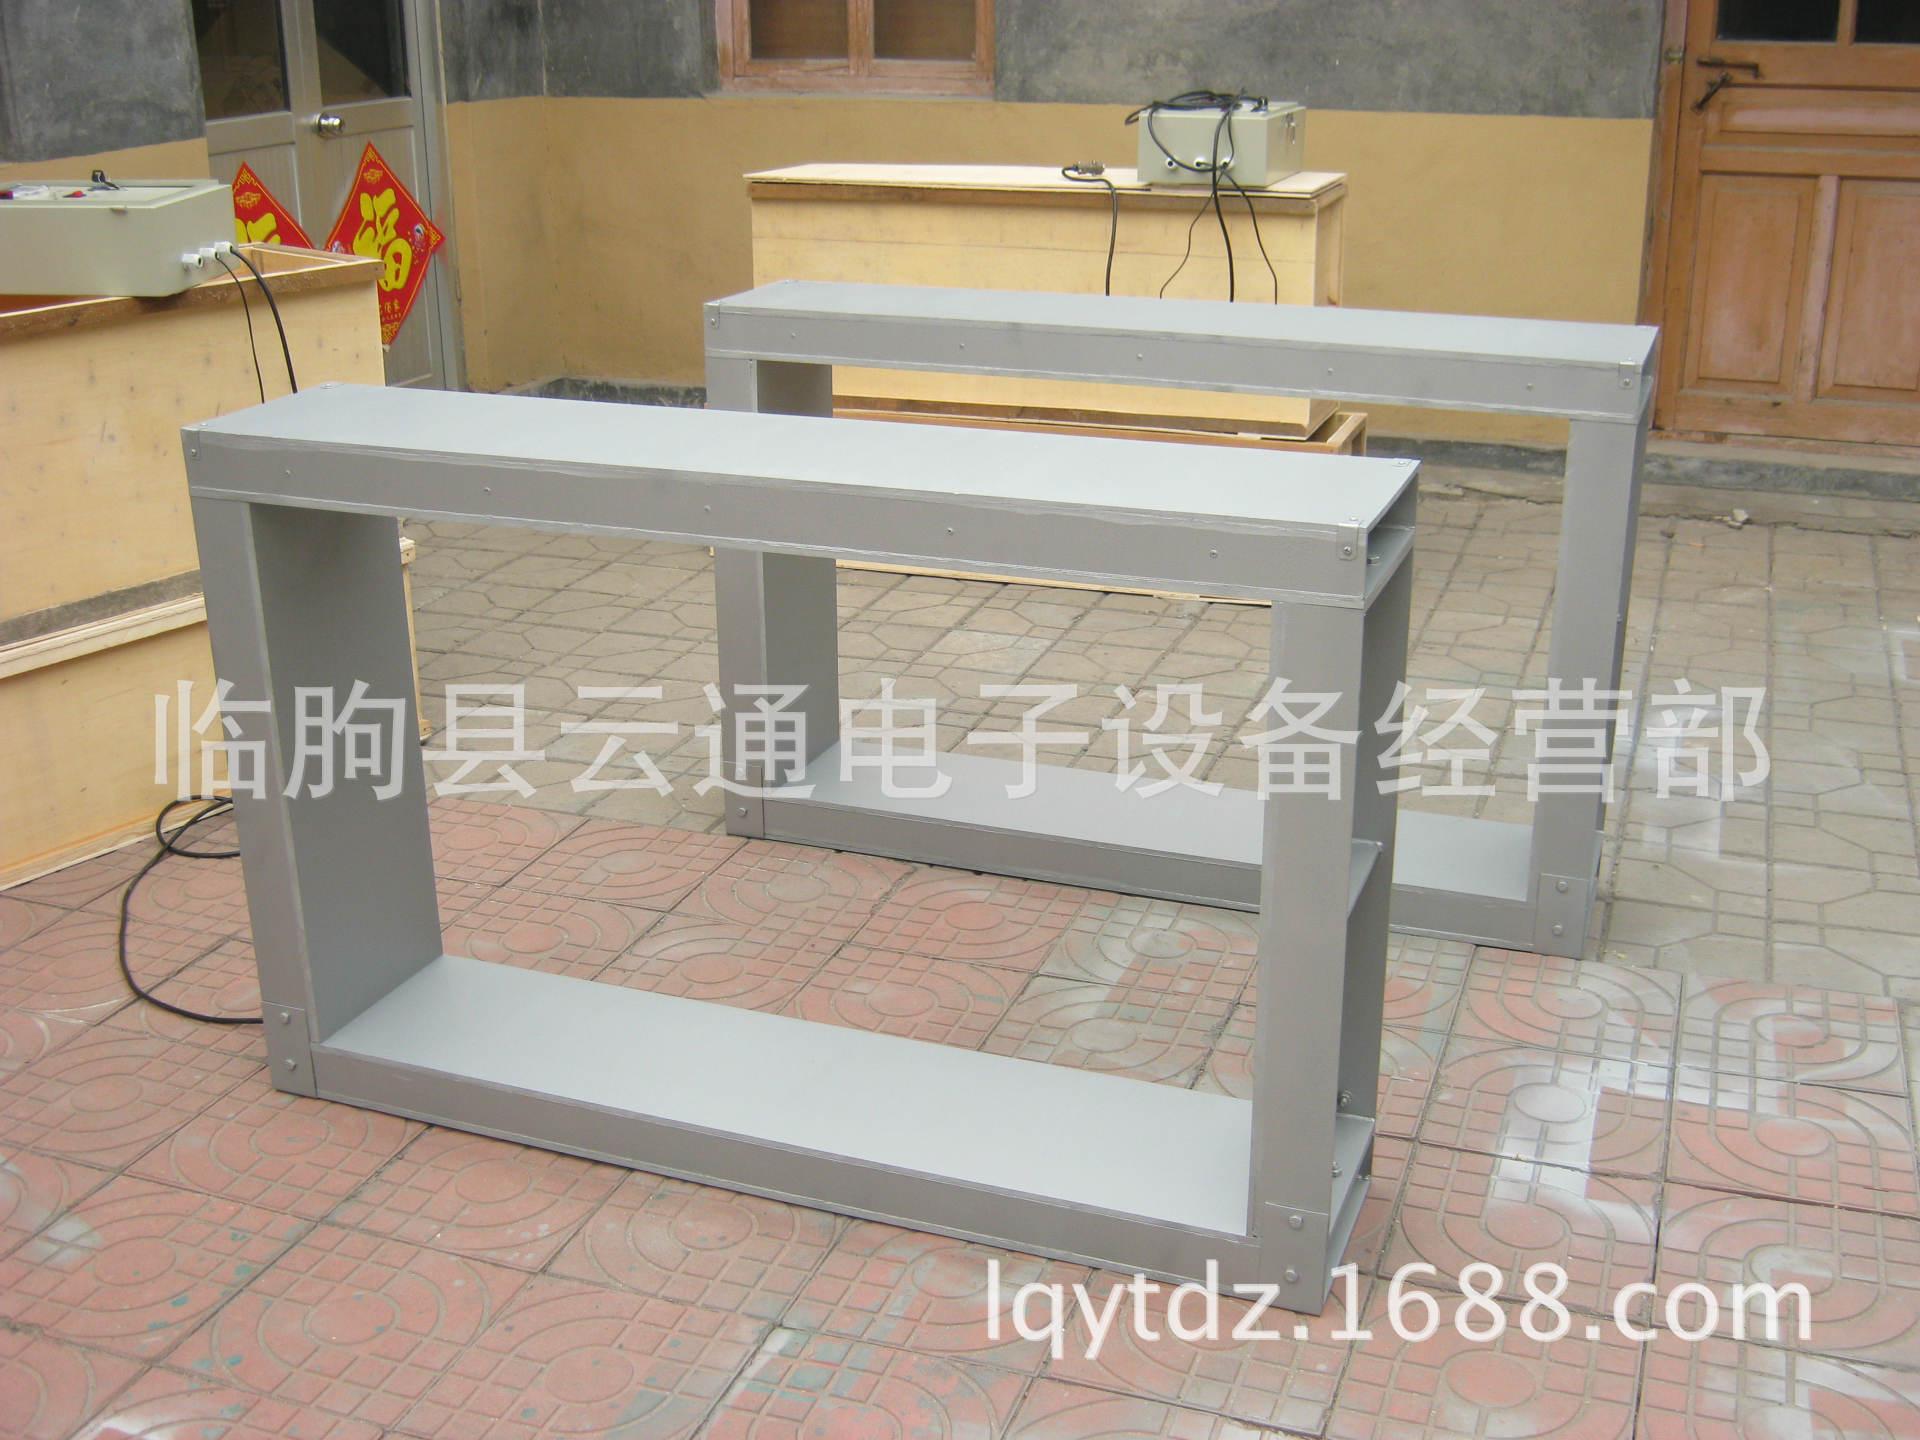 工业矿业用 金属探测仪 临朐云通电子生产